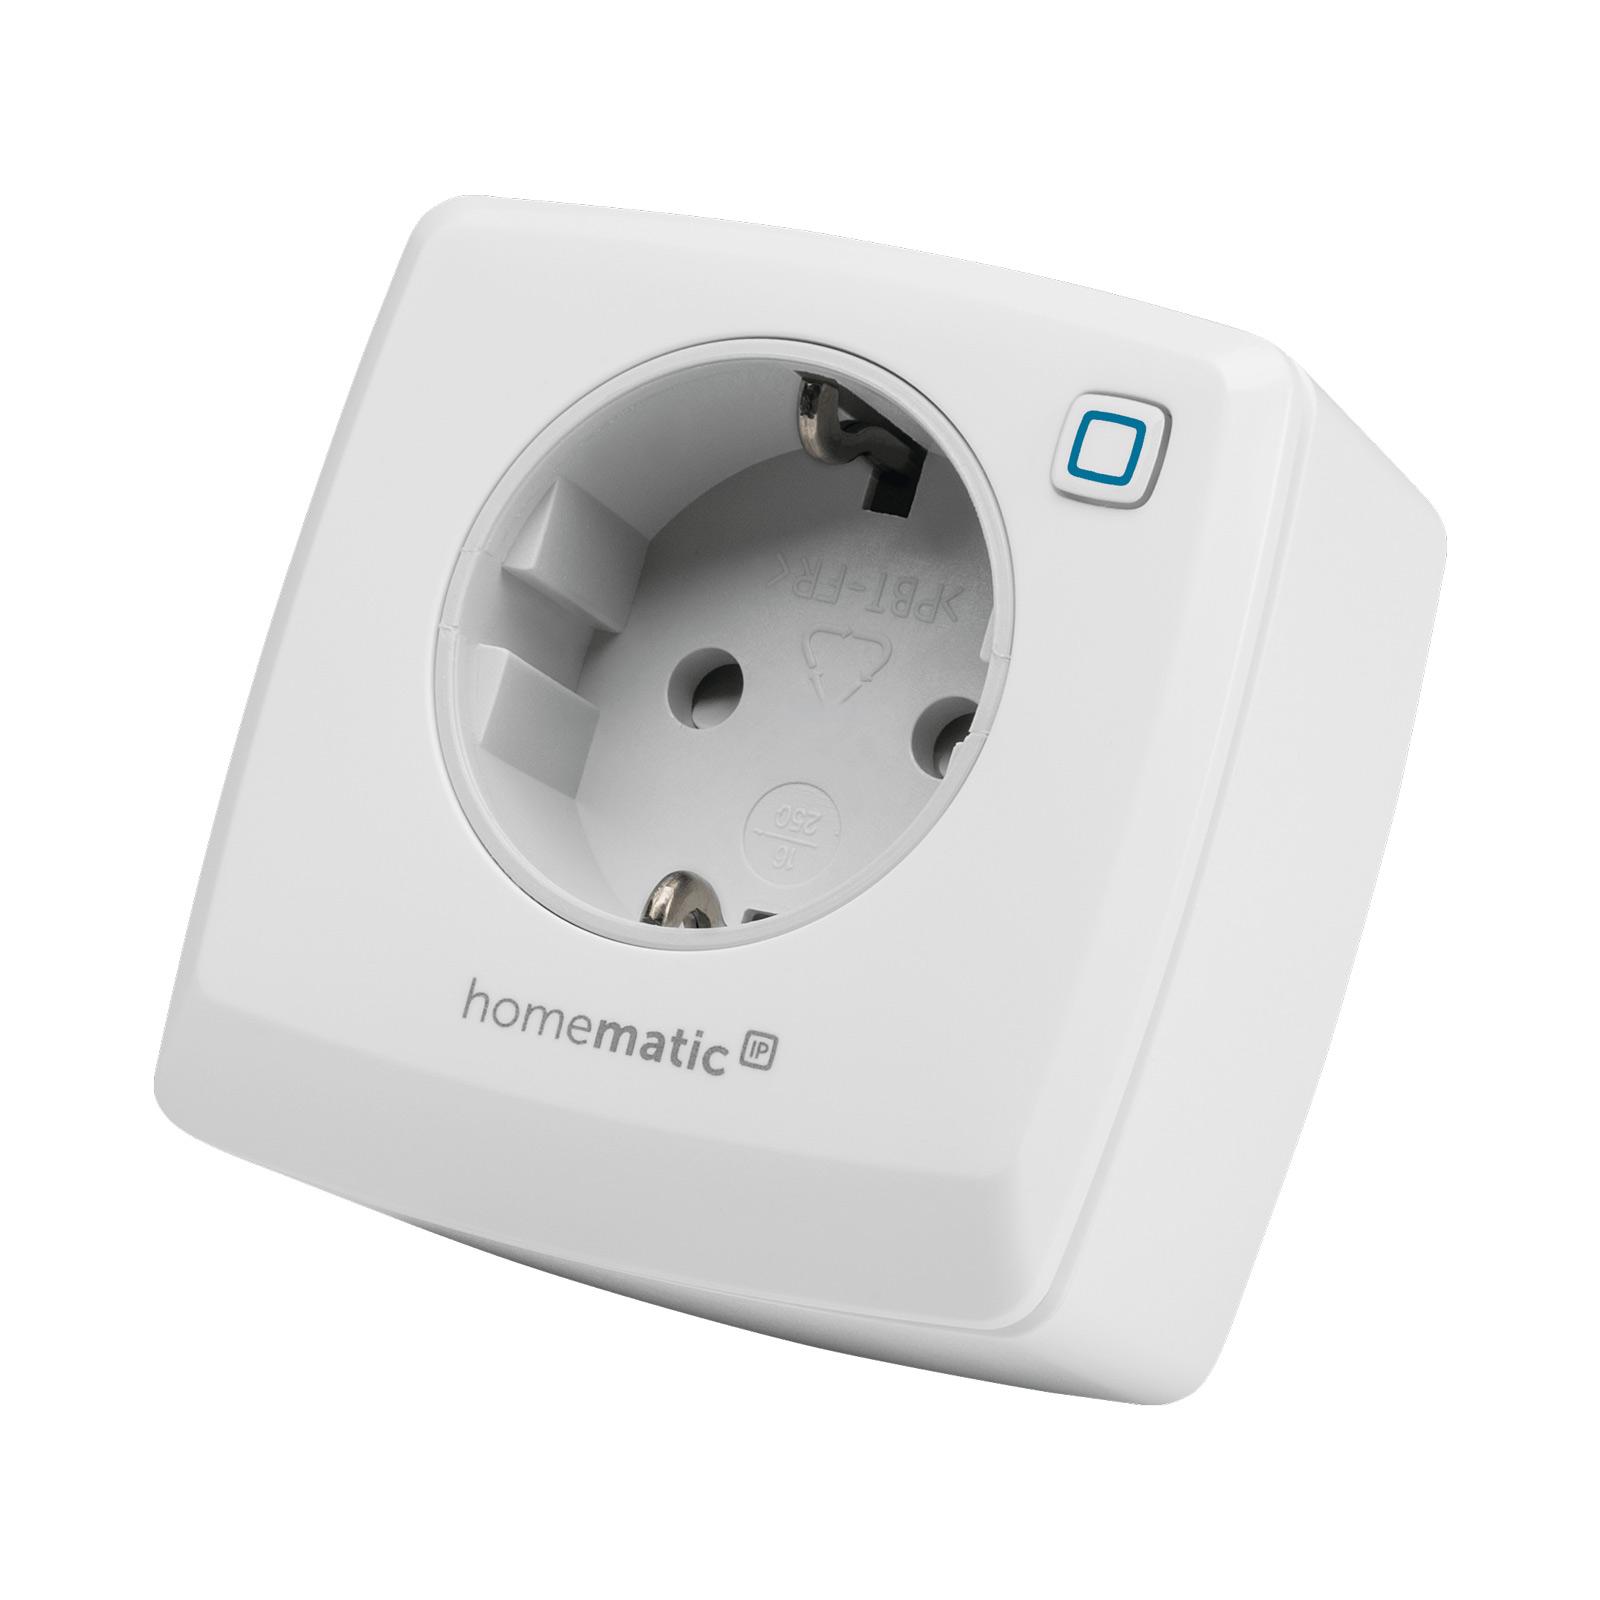 Homematic IP kytkentäpistorasia EUR